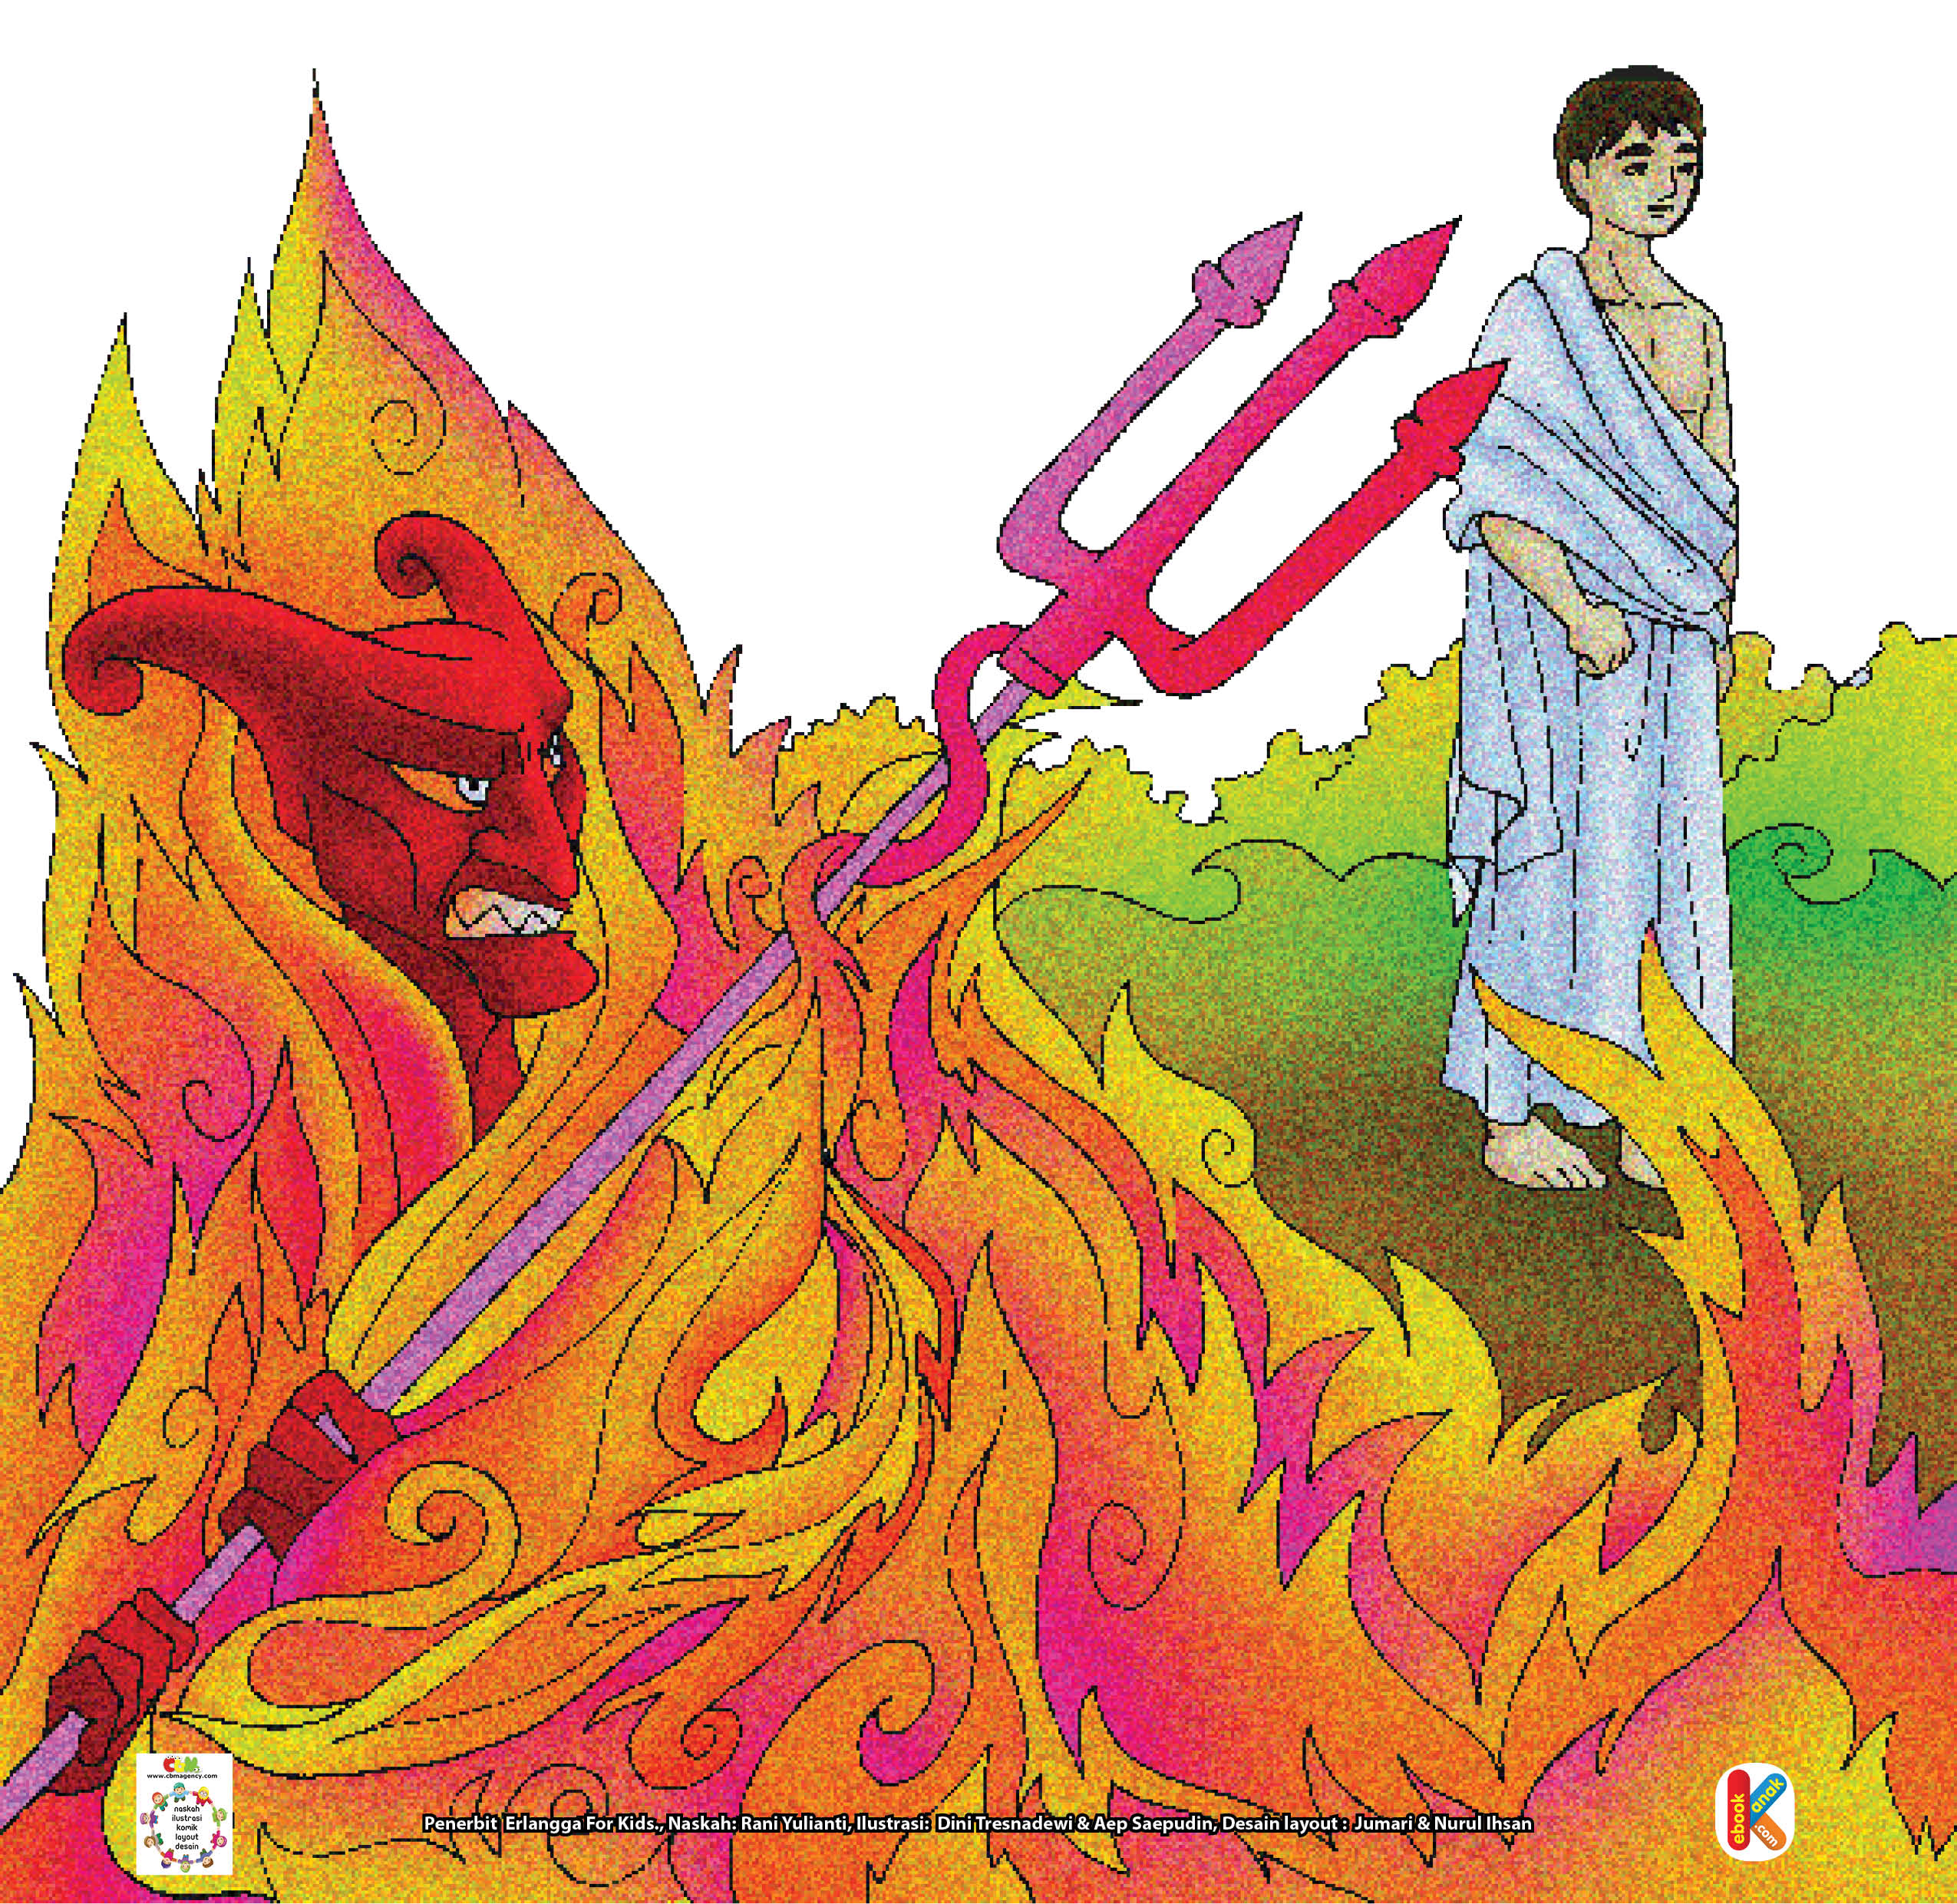 """Kemudian Allah berfirman kepada iblis, """"Pergilah engkau bersama pengikut-pengikutmu yang semuanya akan menjadi isi neraka Jahanam dan bahan bakar neraka."""""""